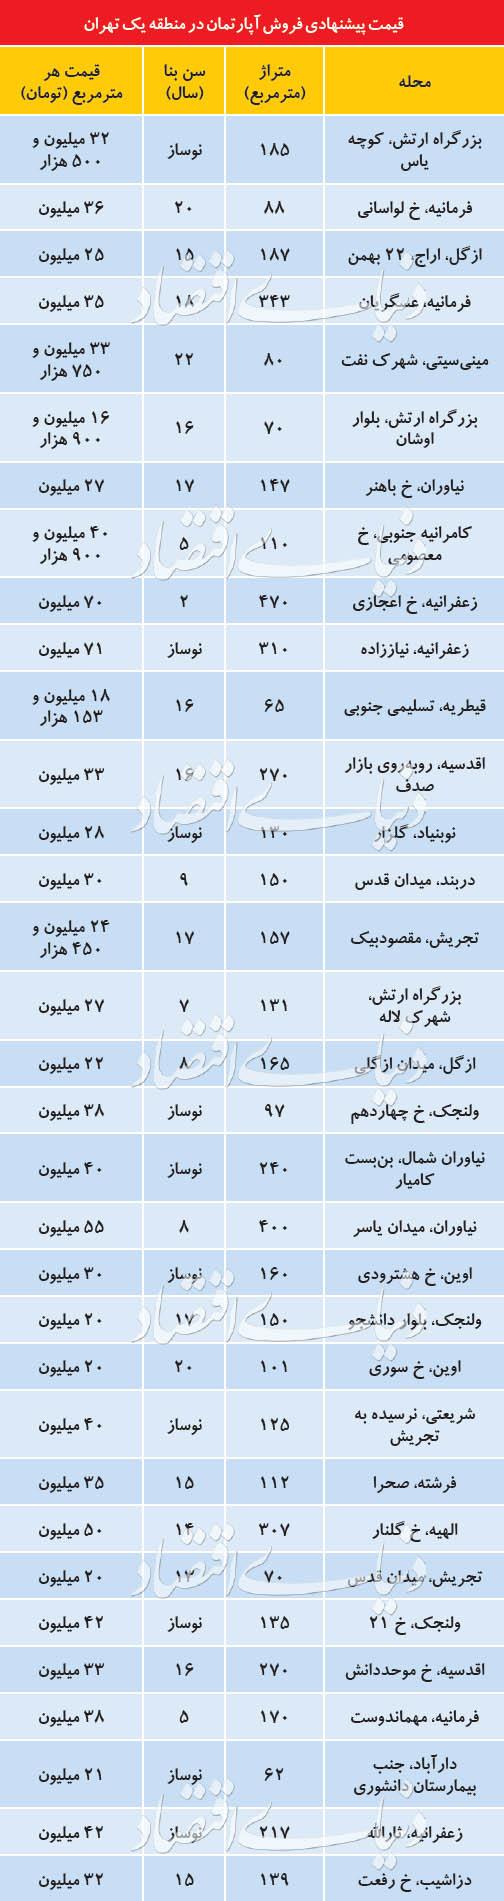 وضعیت بازار مسکن در منطقه گران تهران